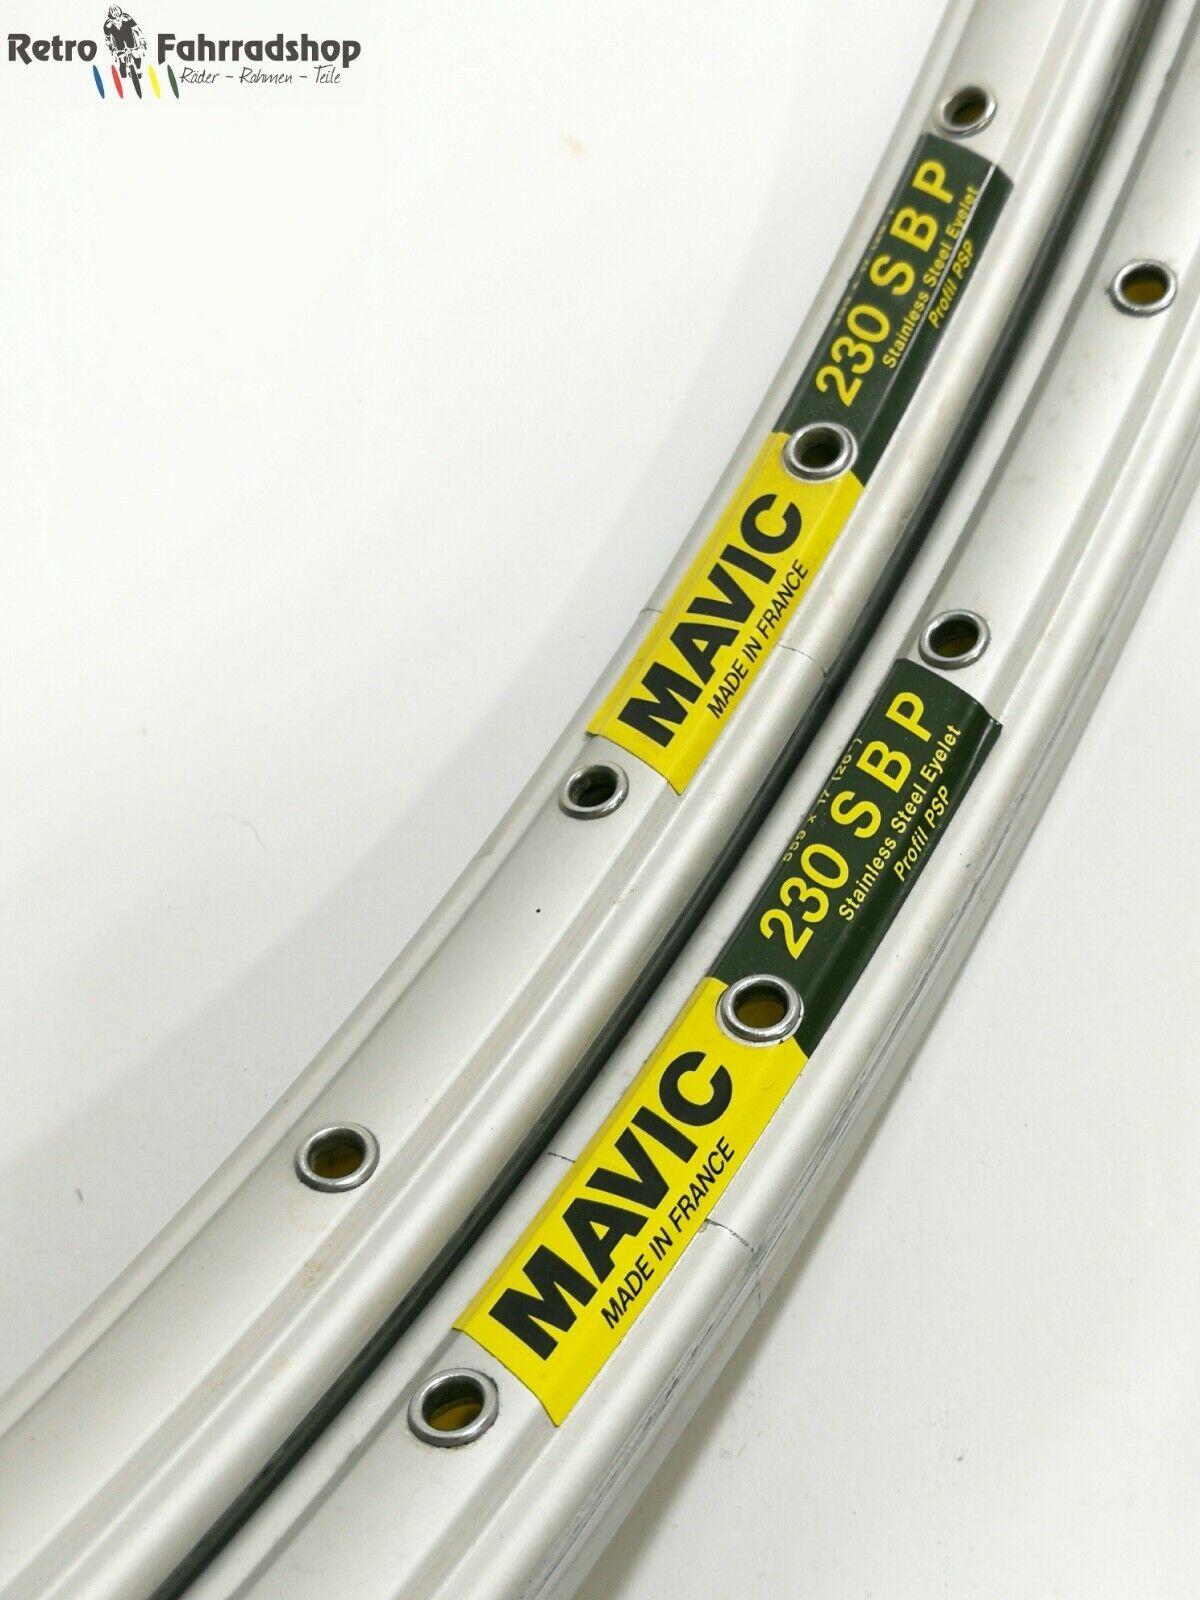 2Stk. Mavic 230 SBP MTB 36 Loch Felgen Stainless Steel Baujahr1993 94 NUR 405g